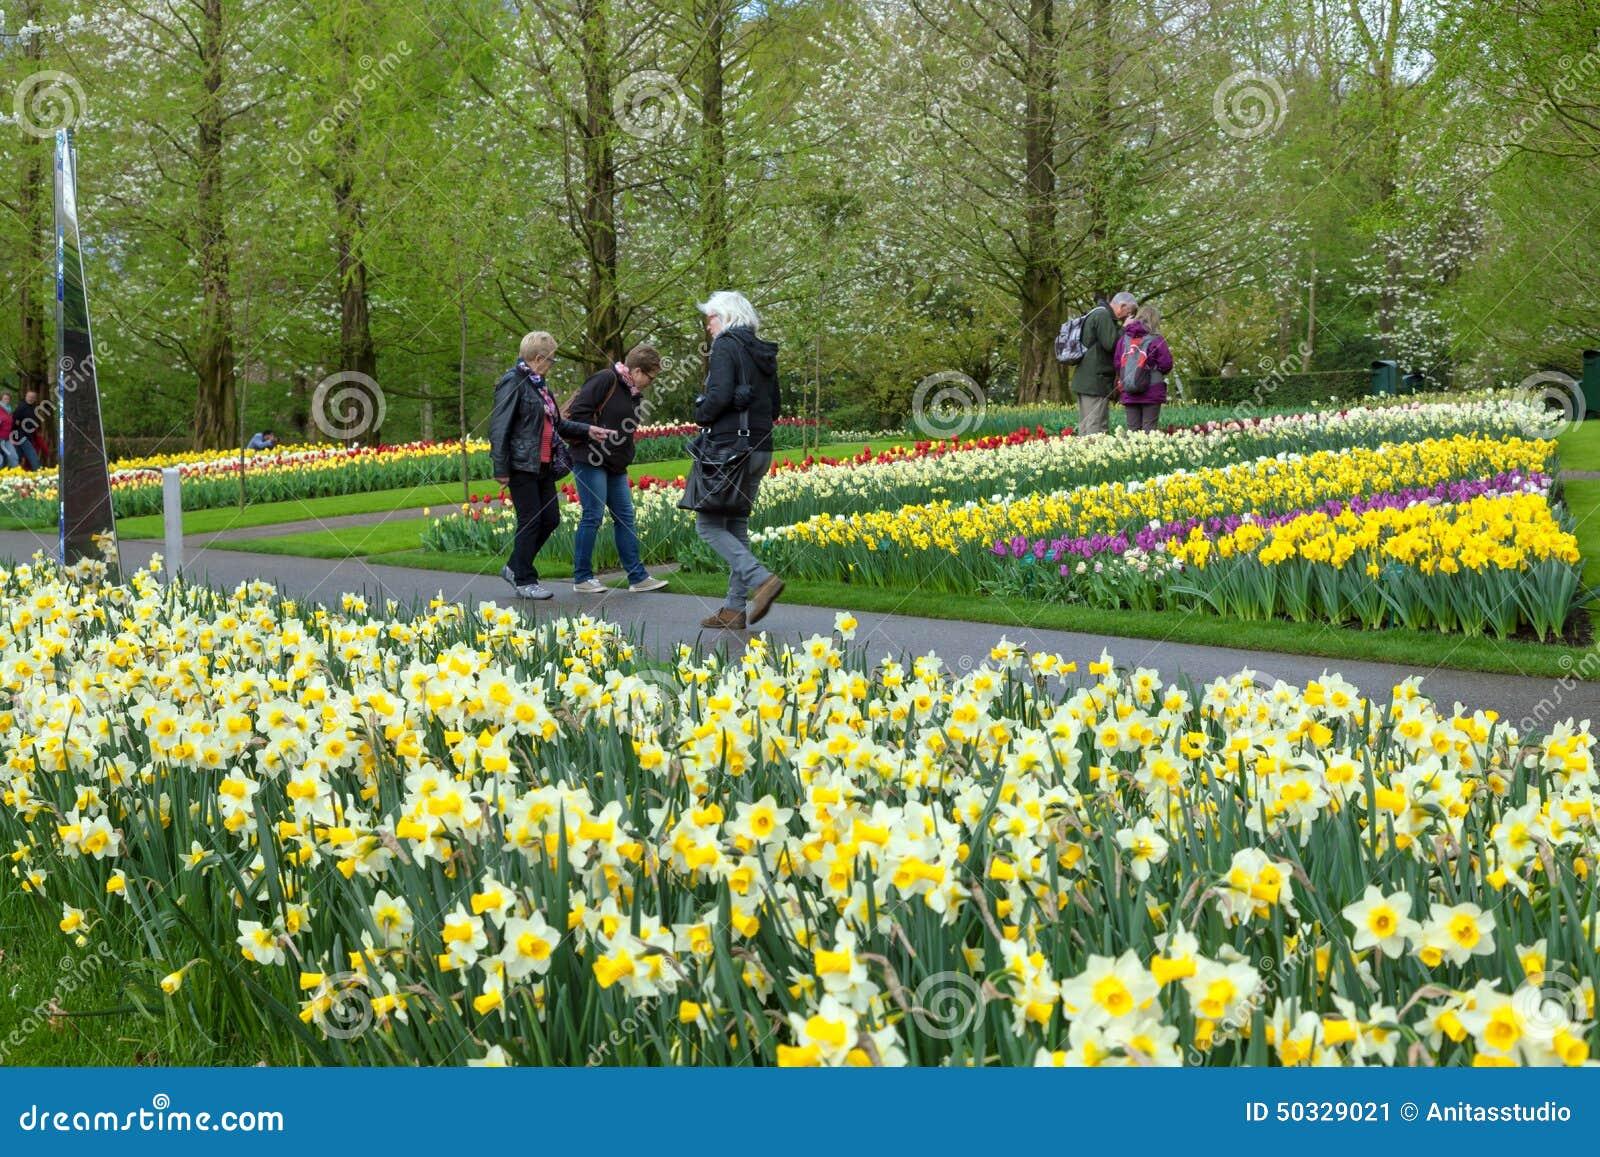 САД KEUKENHOF, НИДЕРЛАНДЫ - 8-ОЕ АПРЕЛЯ: Keukenhof цветочный сад мира самый большой с 7 миллионов шариками цветка на зоне